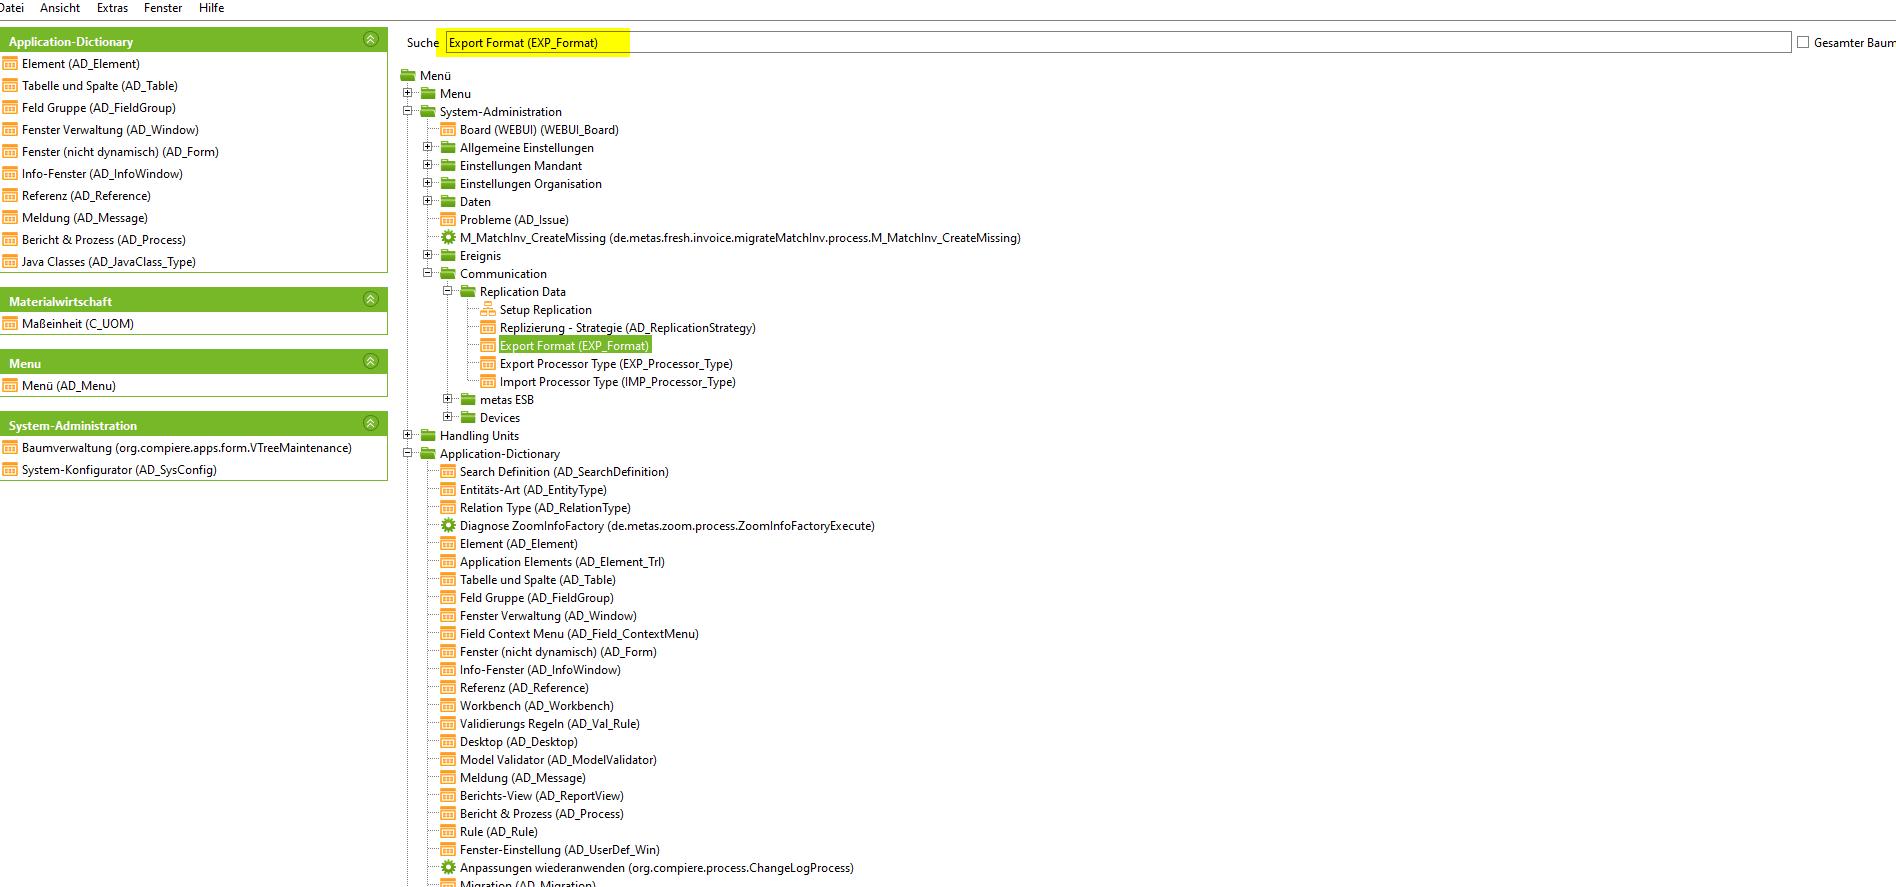 Export format menu item